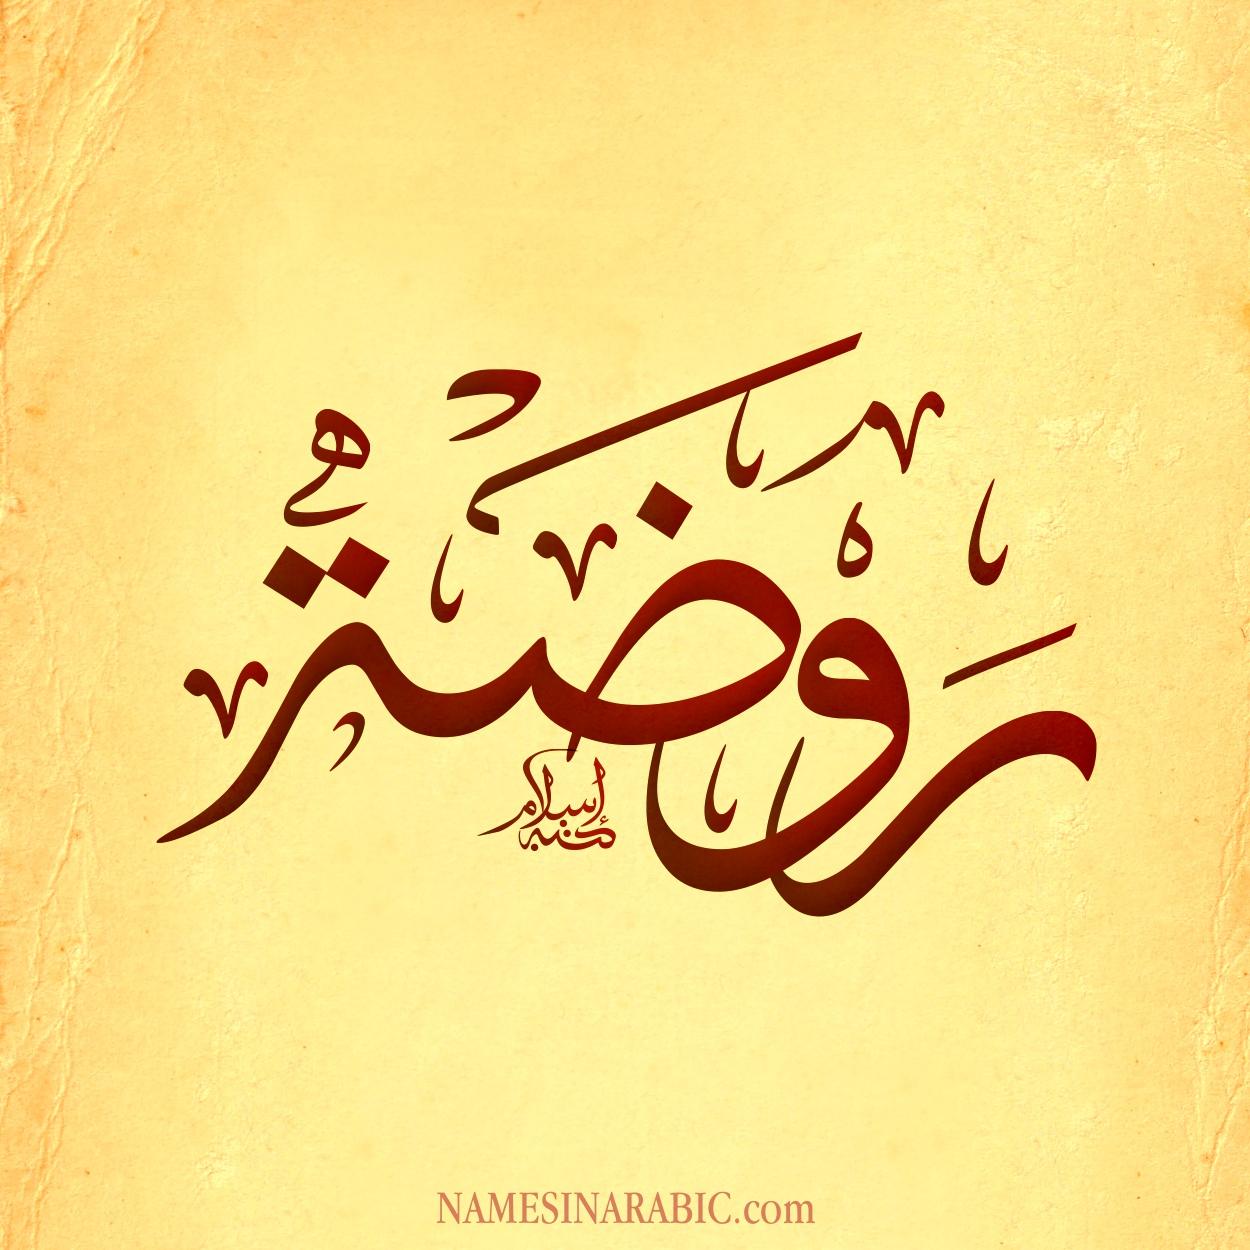 صورة اسم روضة Rowda اسم روضة بالخط العربي من موقع الأسماء بالخط العربي بريشة الفنان إسلام ابن الفضل